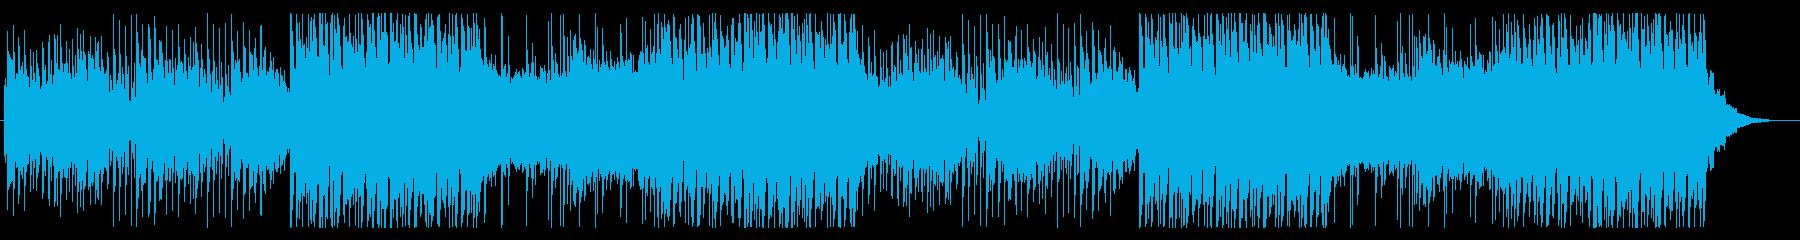 怪しく迫力のあるエレクトロポップの再生済みの波形